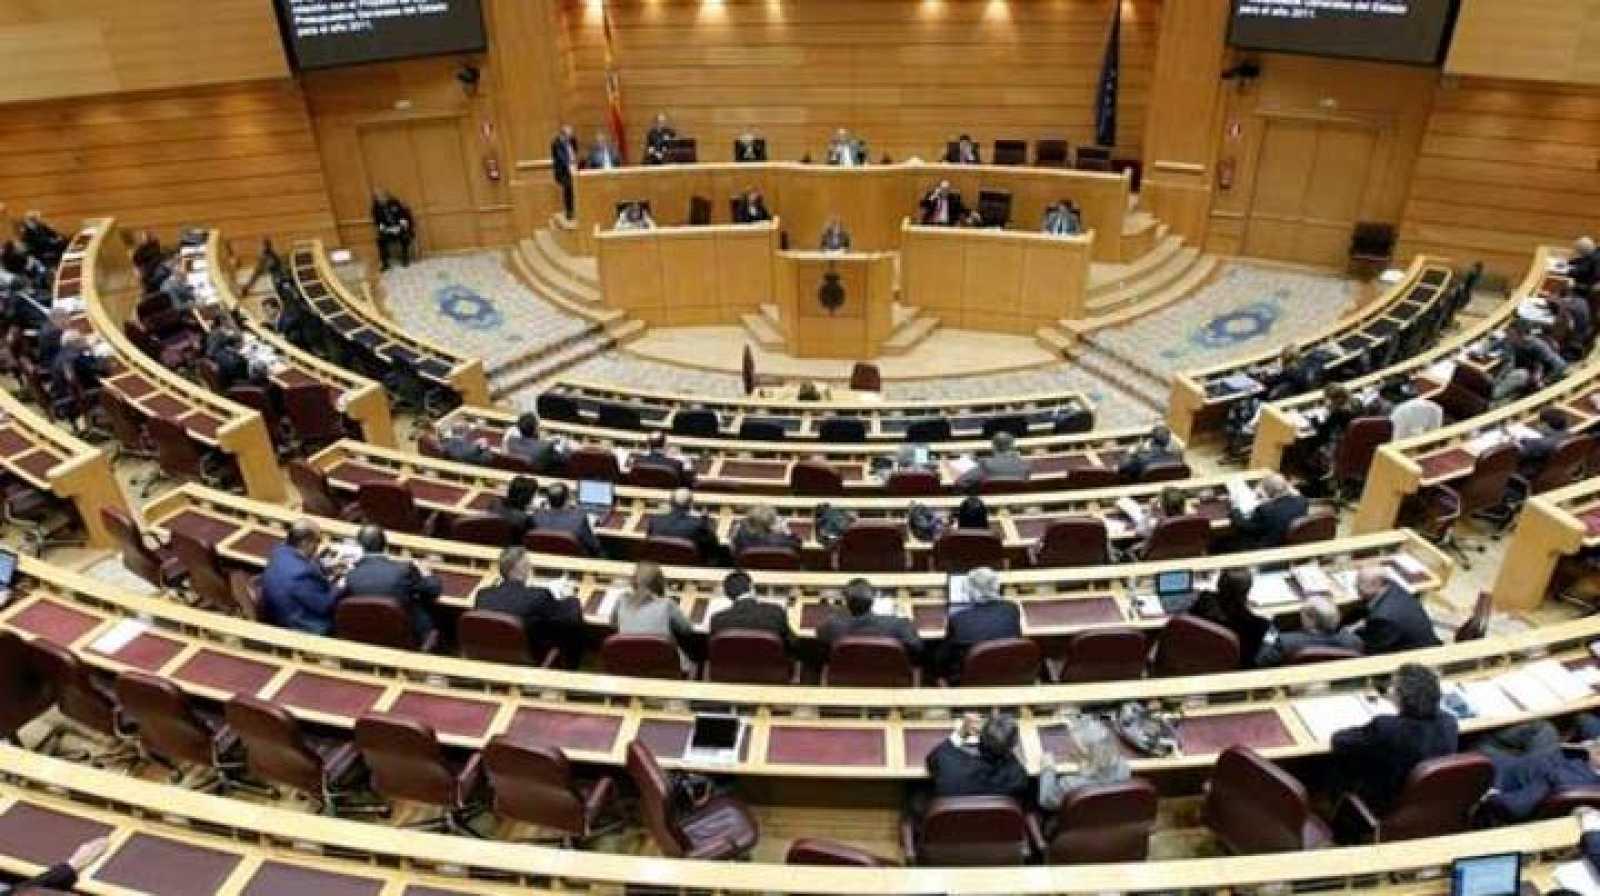 Una sesión plenaria en el hemiciclo del Senado.